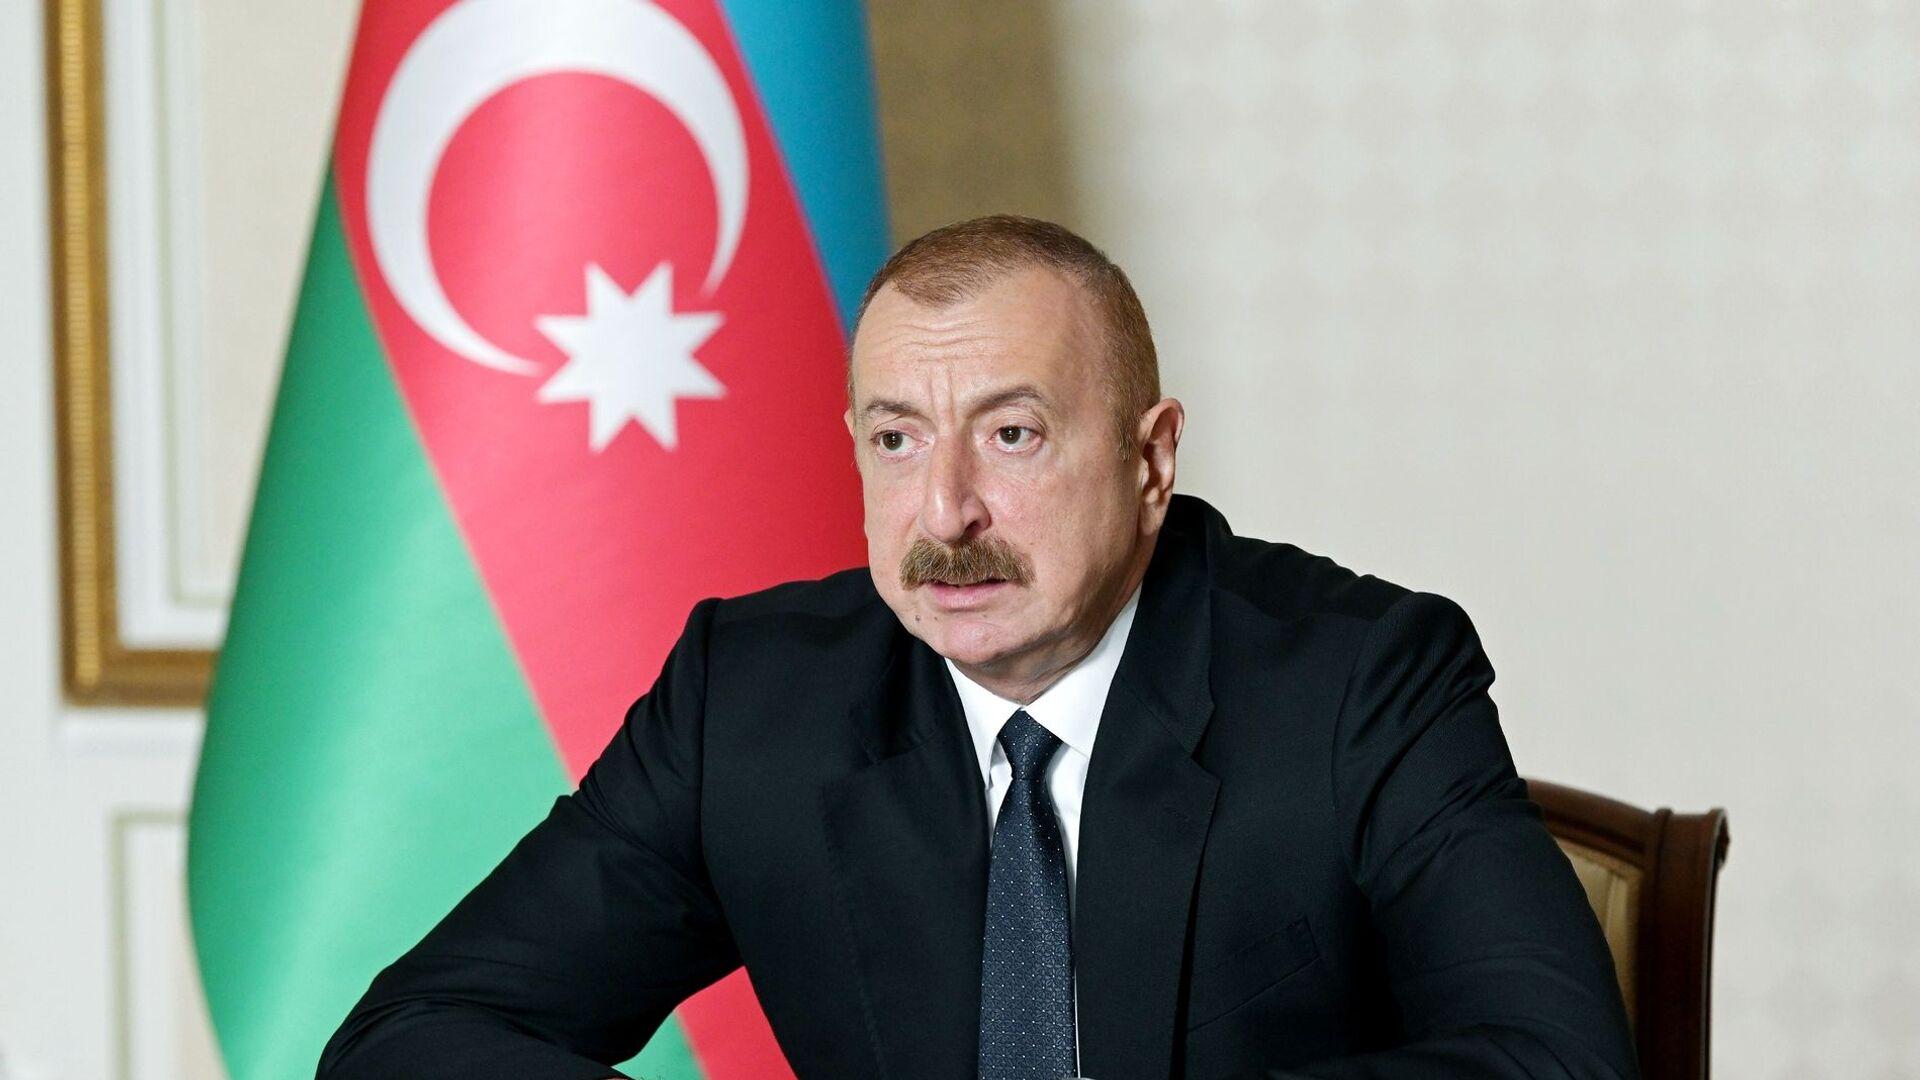 Ilham Aliyev, presidente de Azerbaiyán - Sputnik Mundo, 1920, 14.08.2021